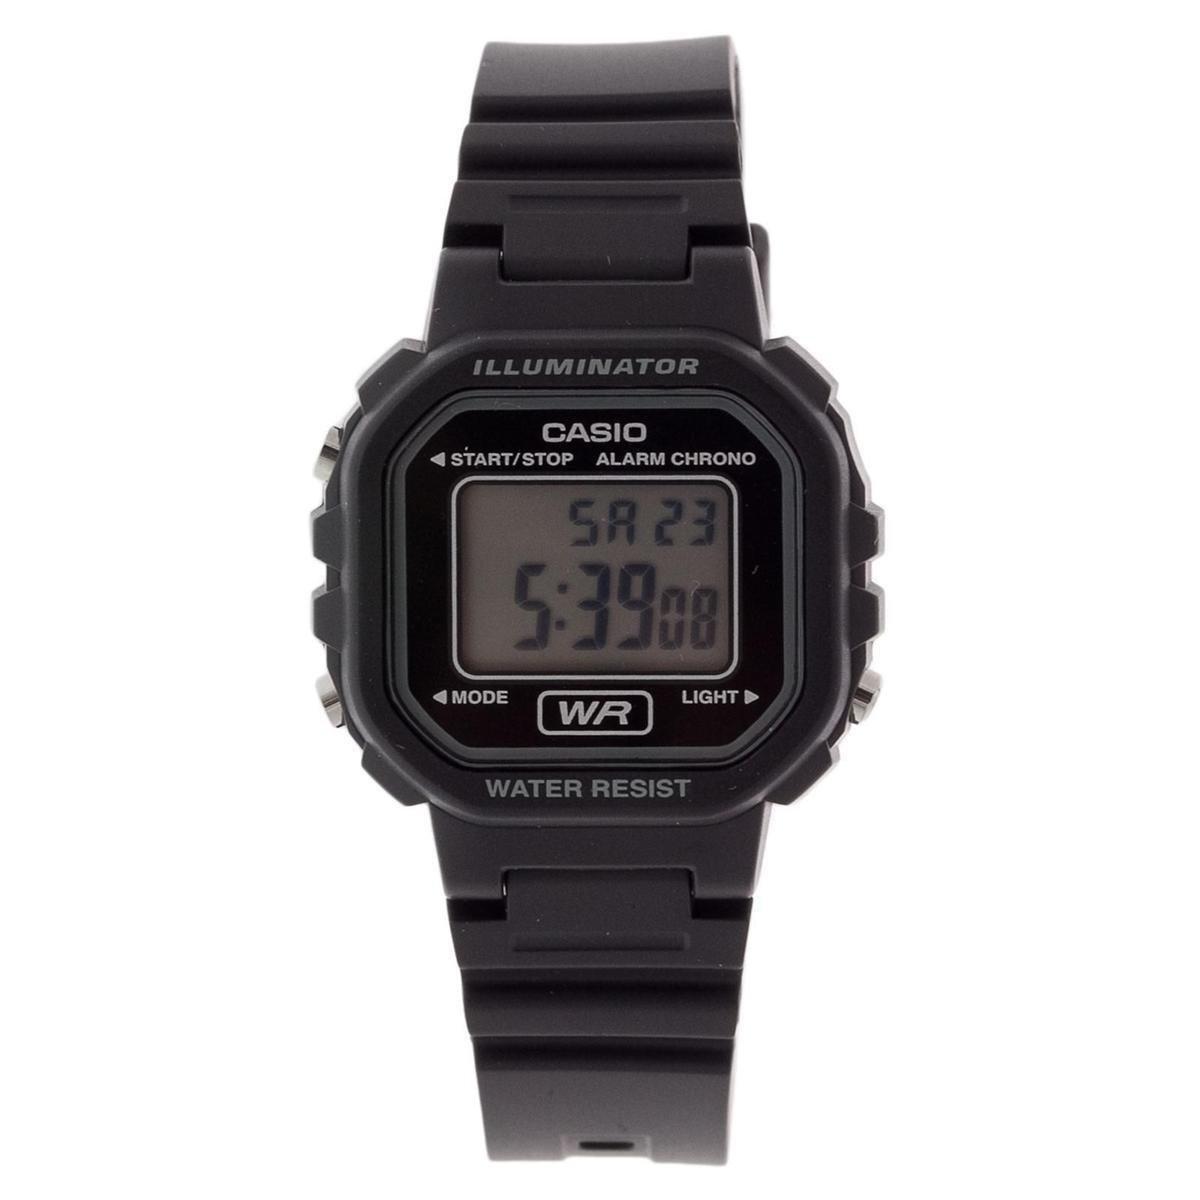 6bfe8c22c64 Relógio Casio Digital - Compre Agora